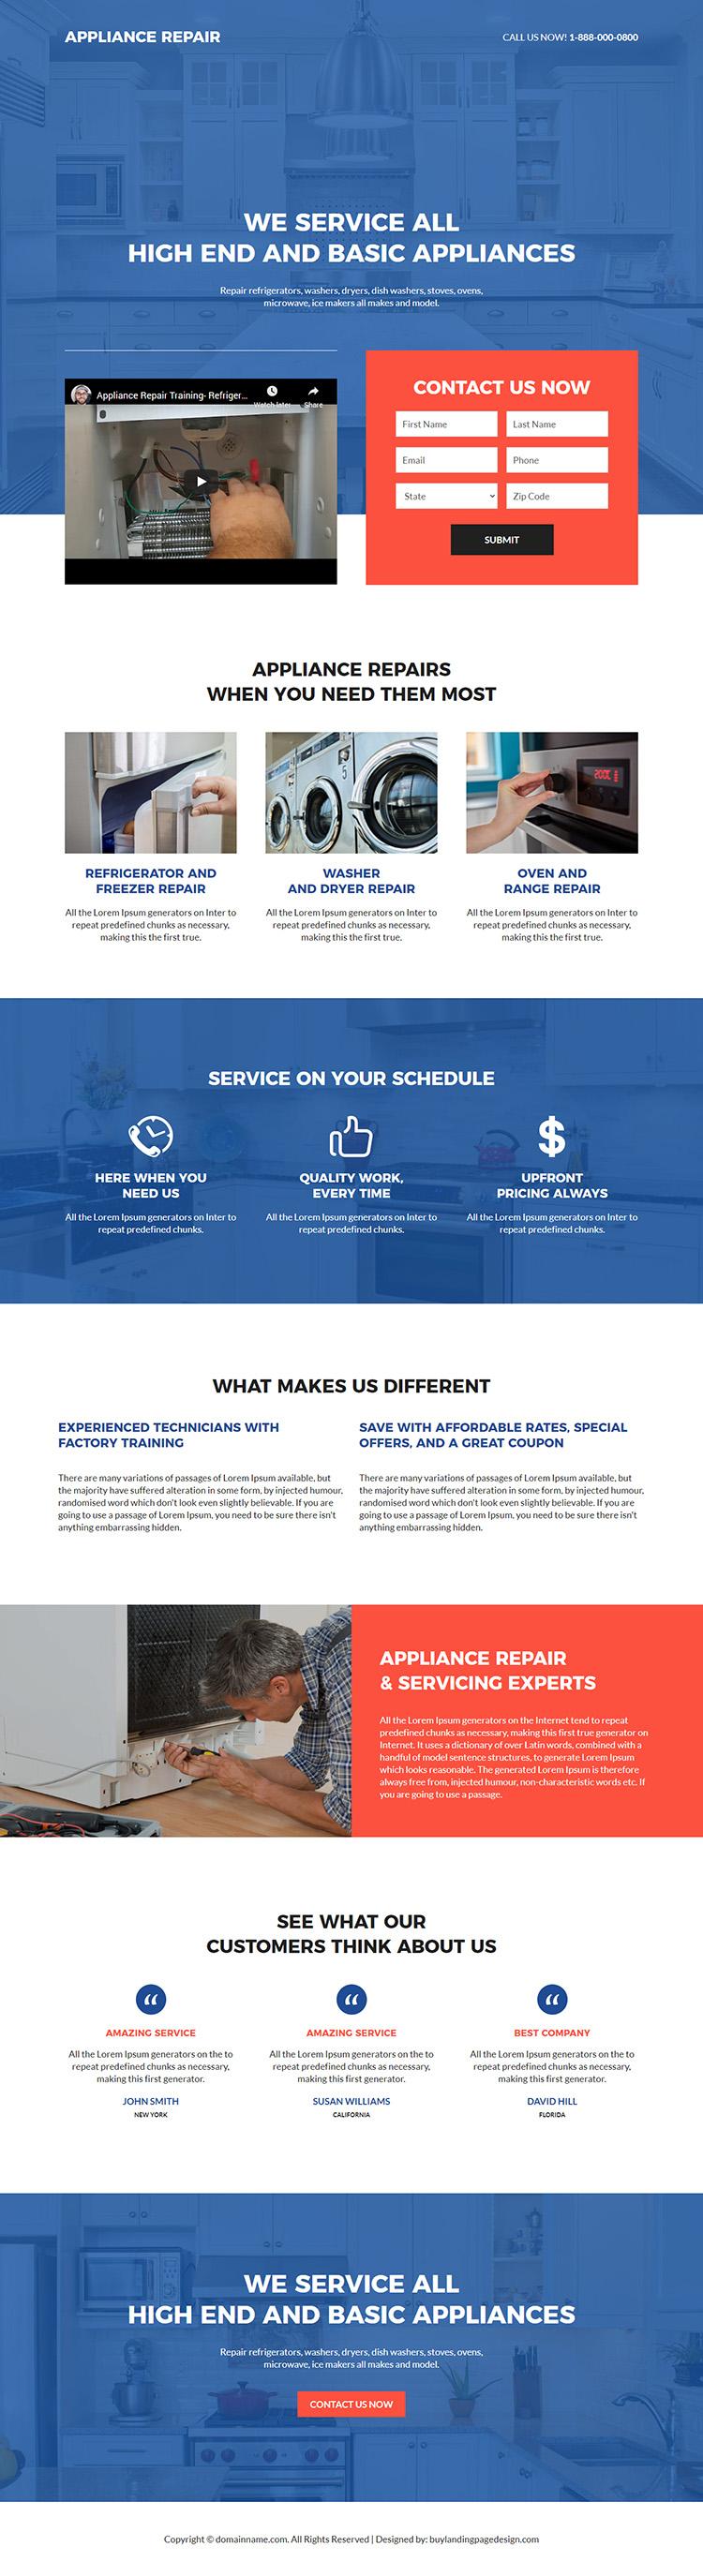 appliance repair service lead capture responsive landing page design